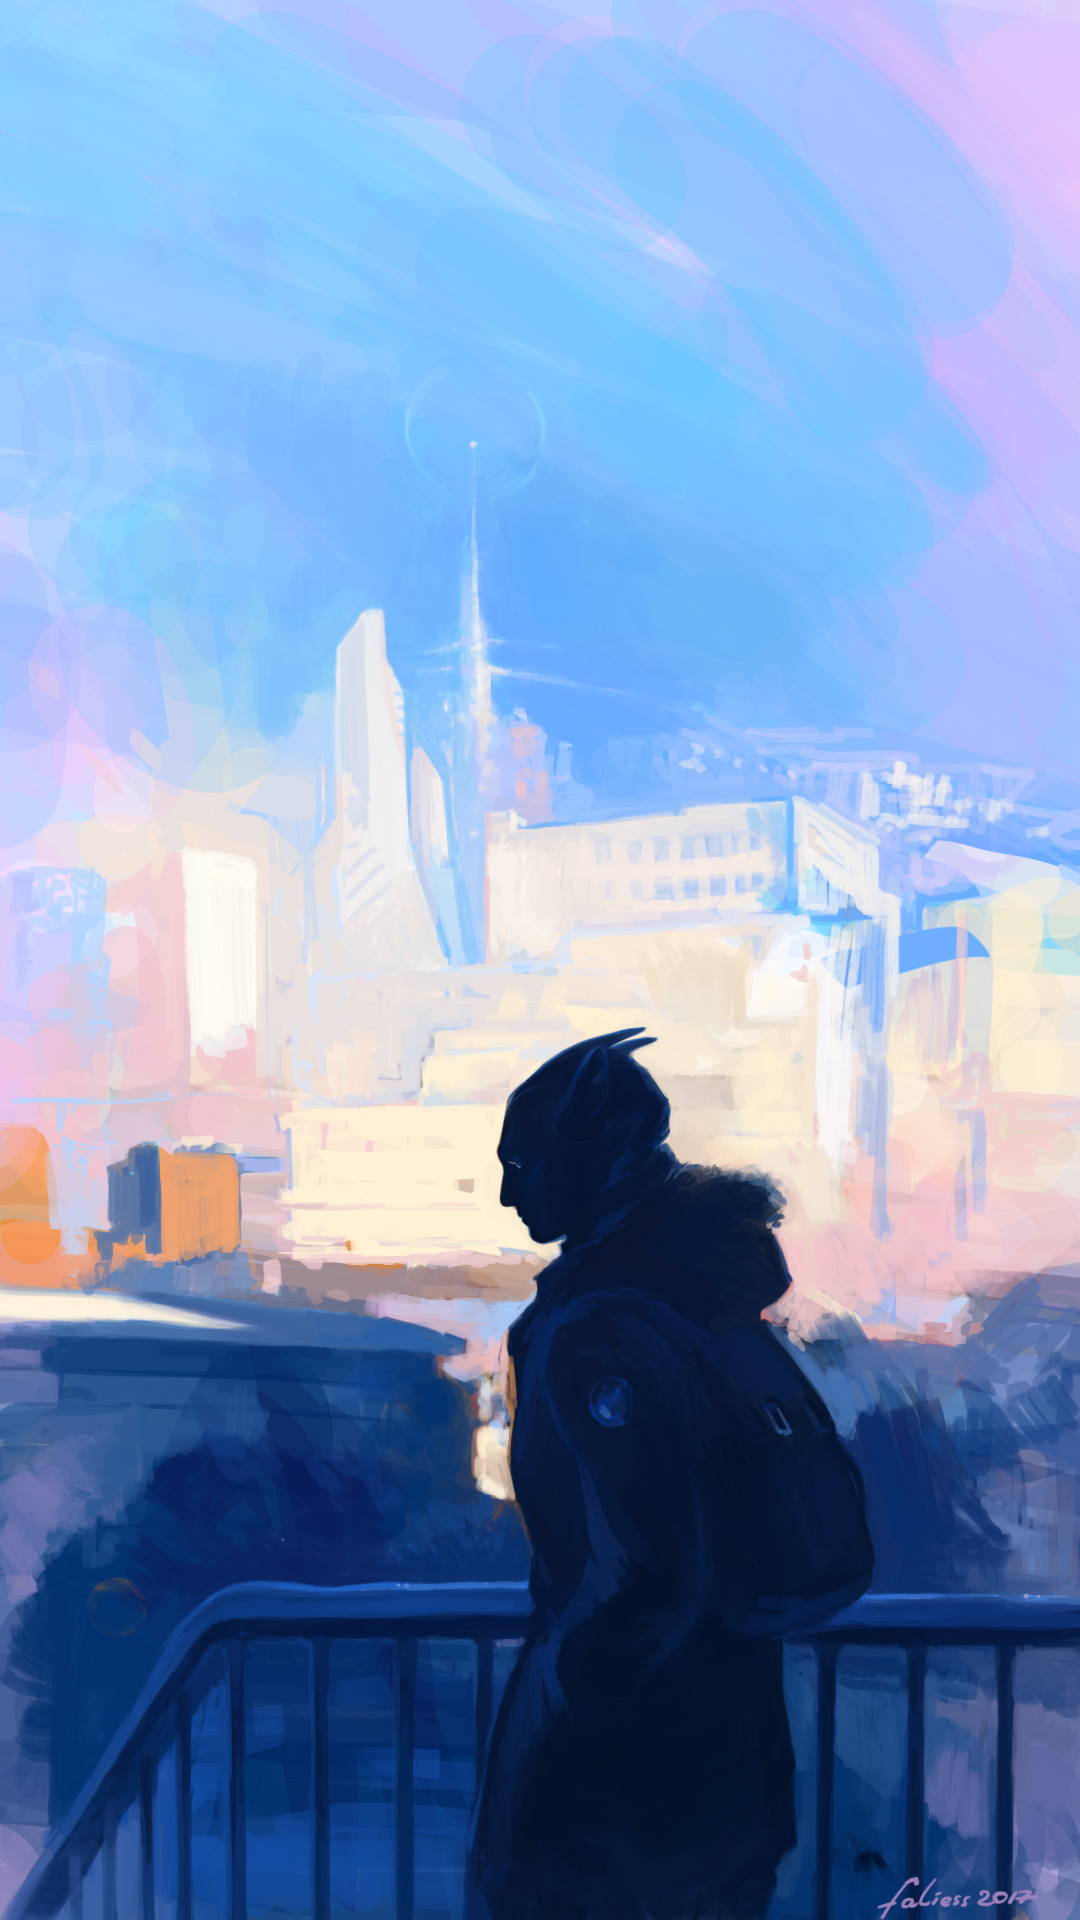 White city